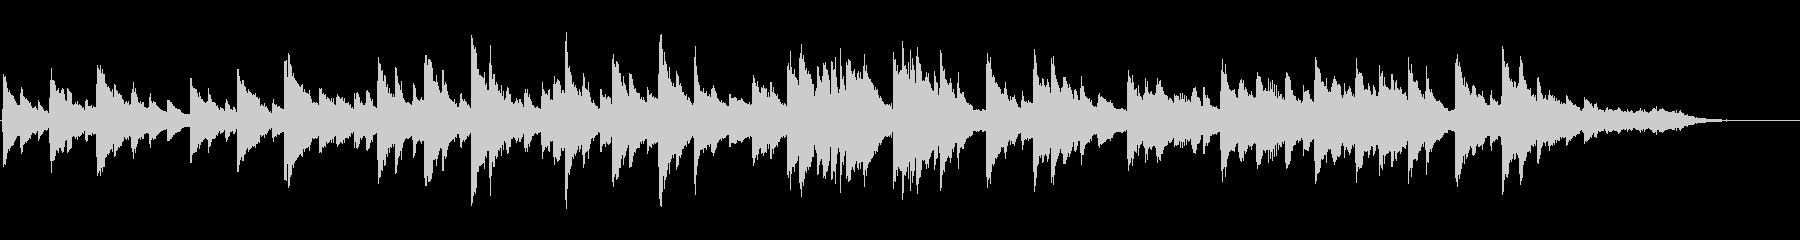 切ない ヒーリング ピアノソロの未再生の波形